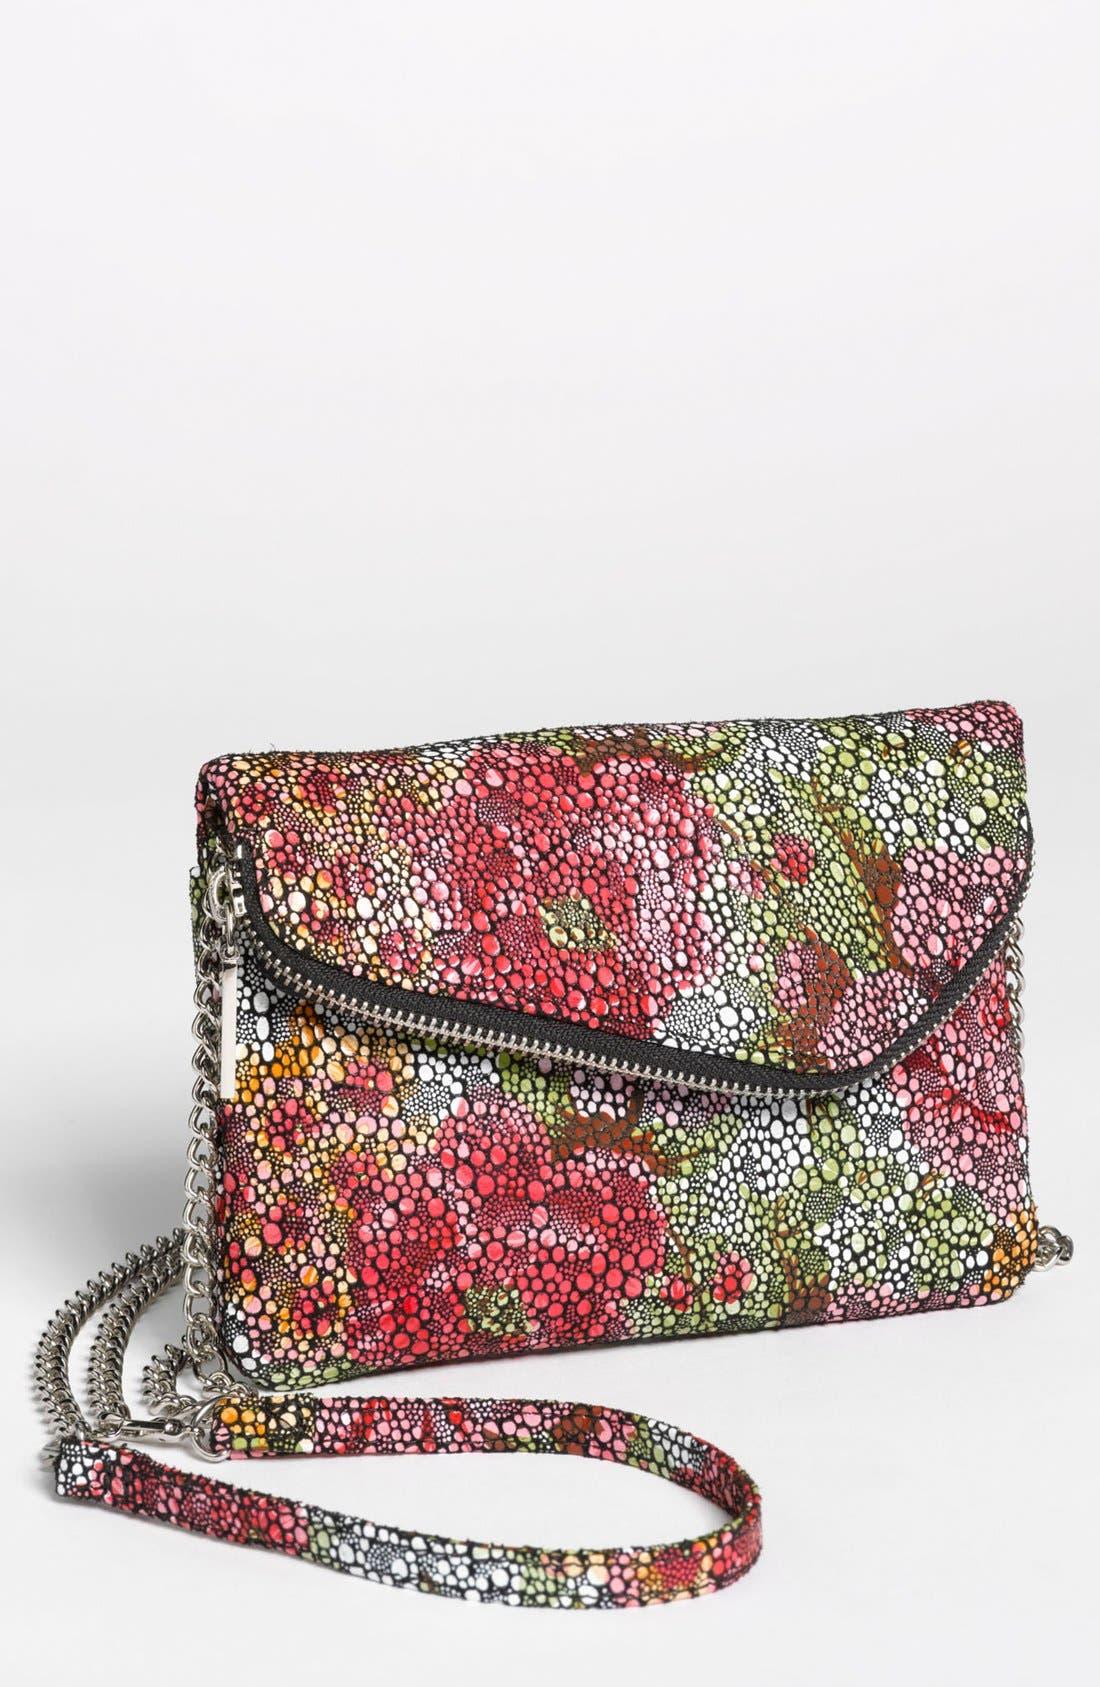 Alternate Image 1 Selected - Hobo 'Daria' Convertible Crossbody Bag, Small